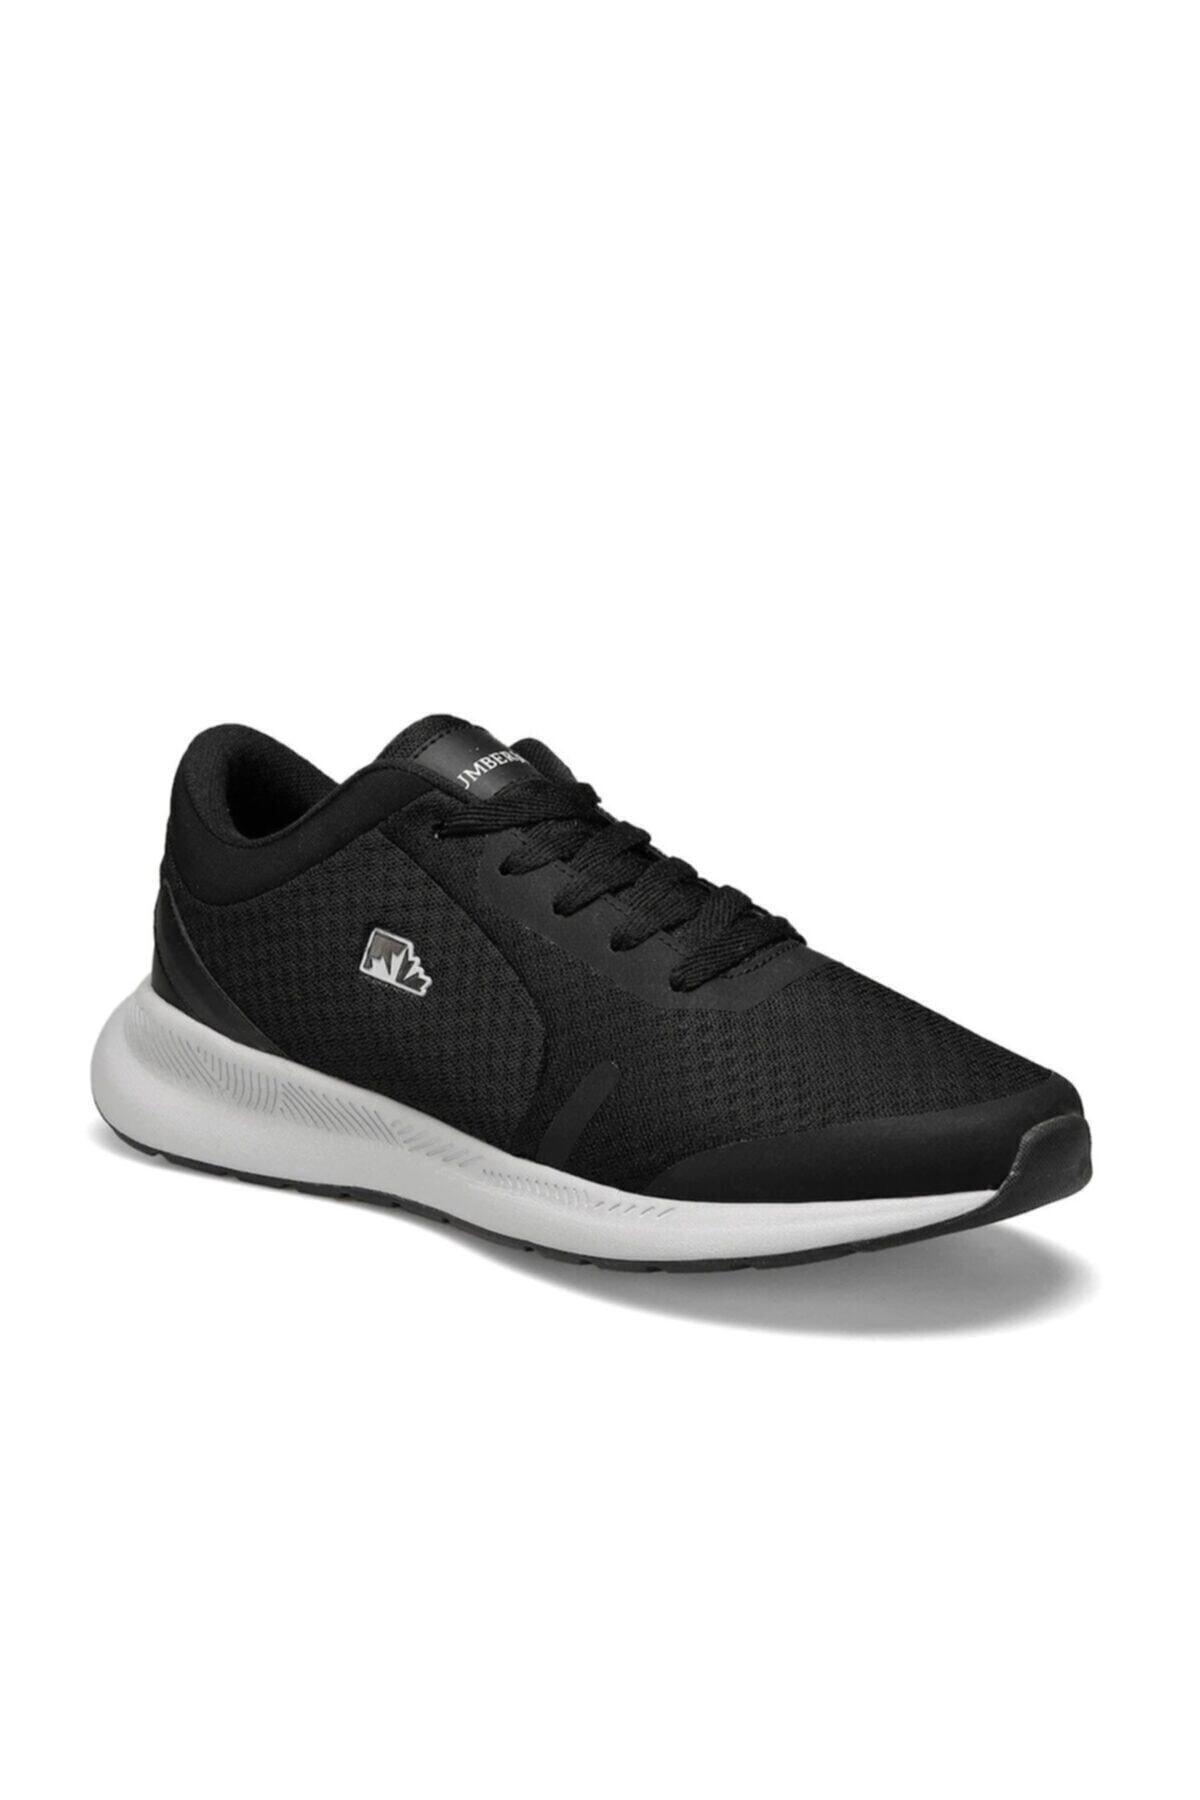 سفارش انلاین کفش مخصوص دویدن مردانه ساده برند lumberjack رنگ مشکی کد ty39054634